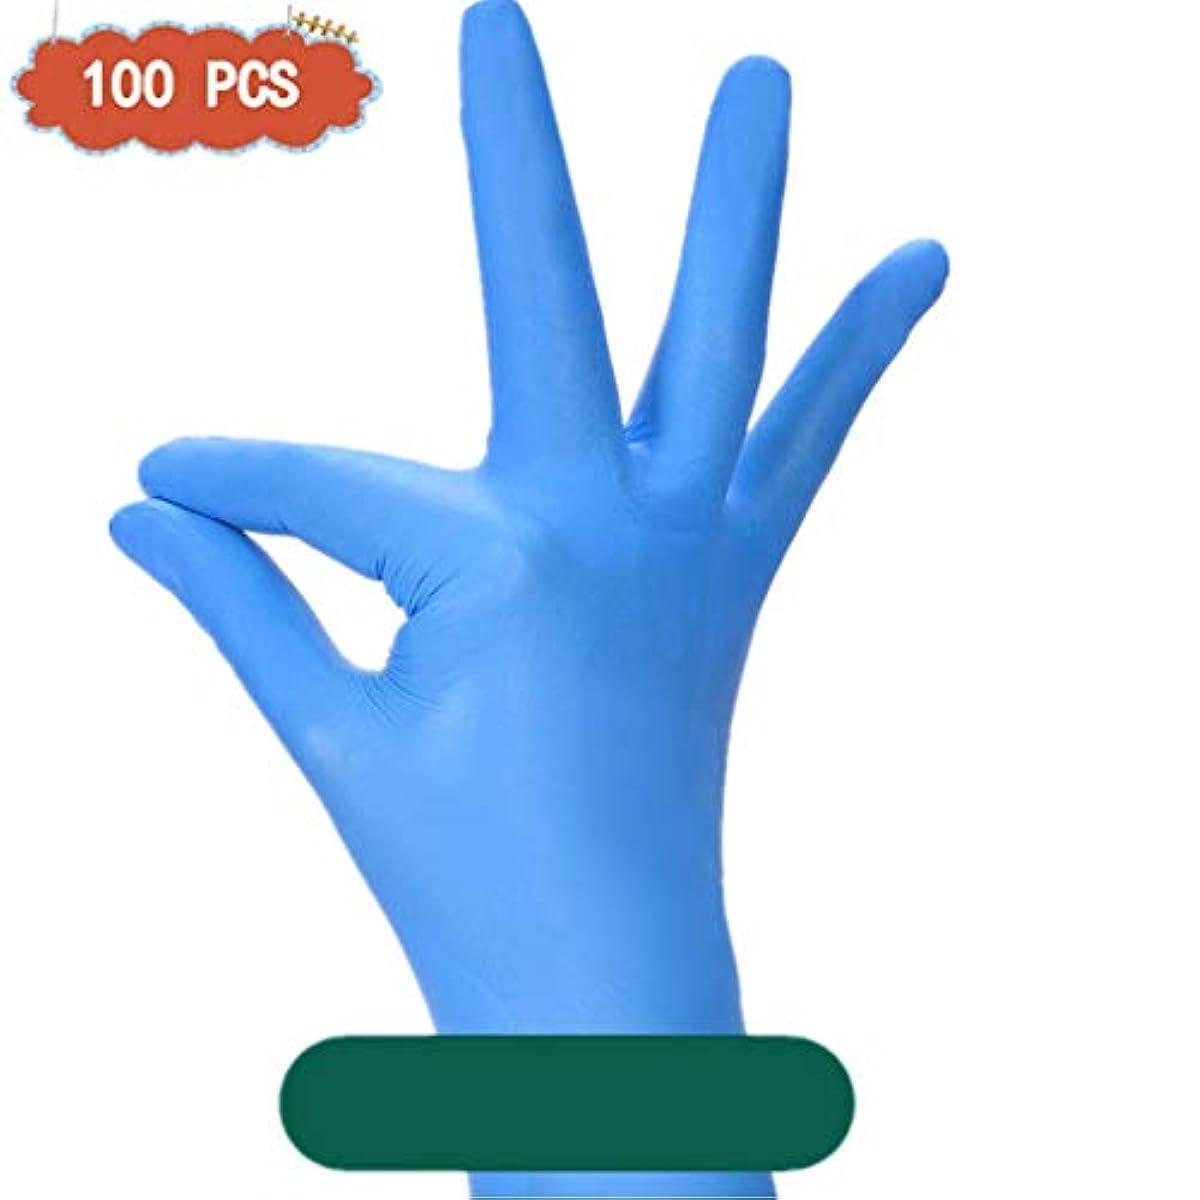 オーバーラン逃げるどう?ニトリル手袋、12インチの食器洗い用滑り止め防水ゴムと長い厚い使い捨て手袋ペットケアネイルアート検査保護実験、美容院ラテックスフリー、100個 (Size : L)